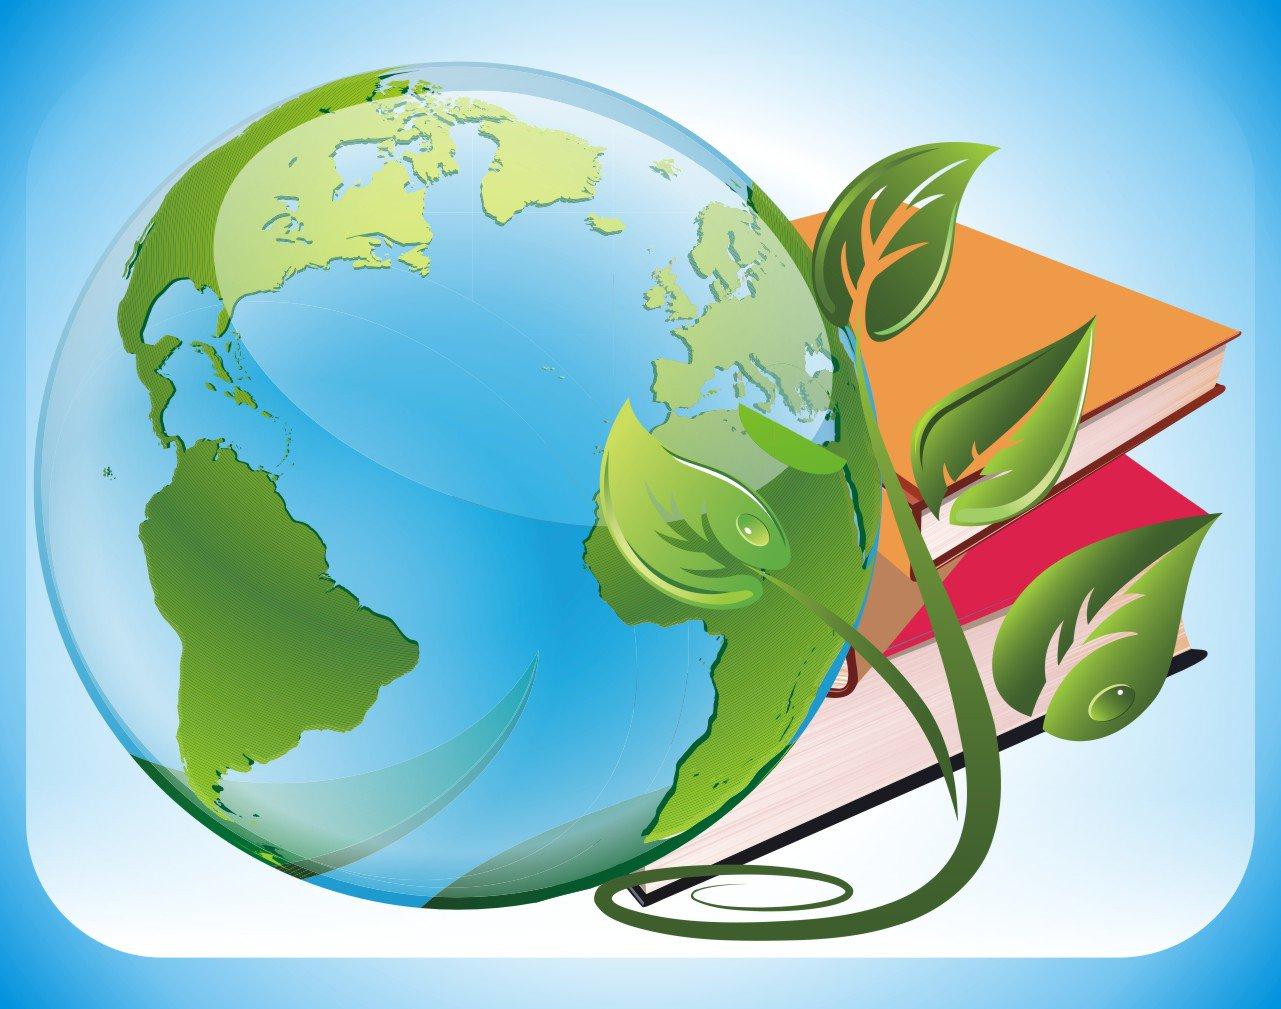 Картинки для детей по экологии, привет дела